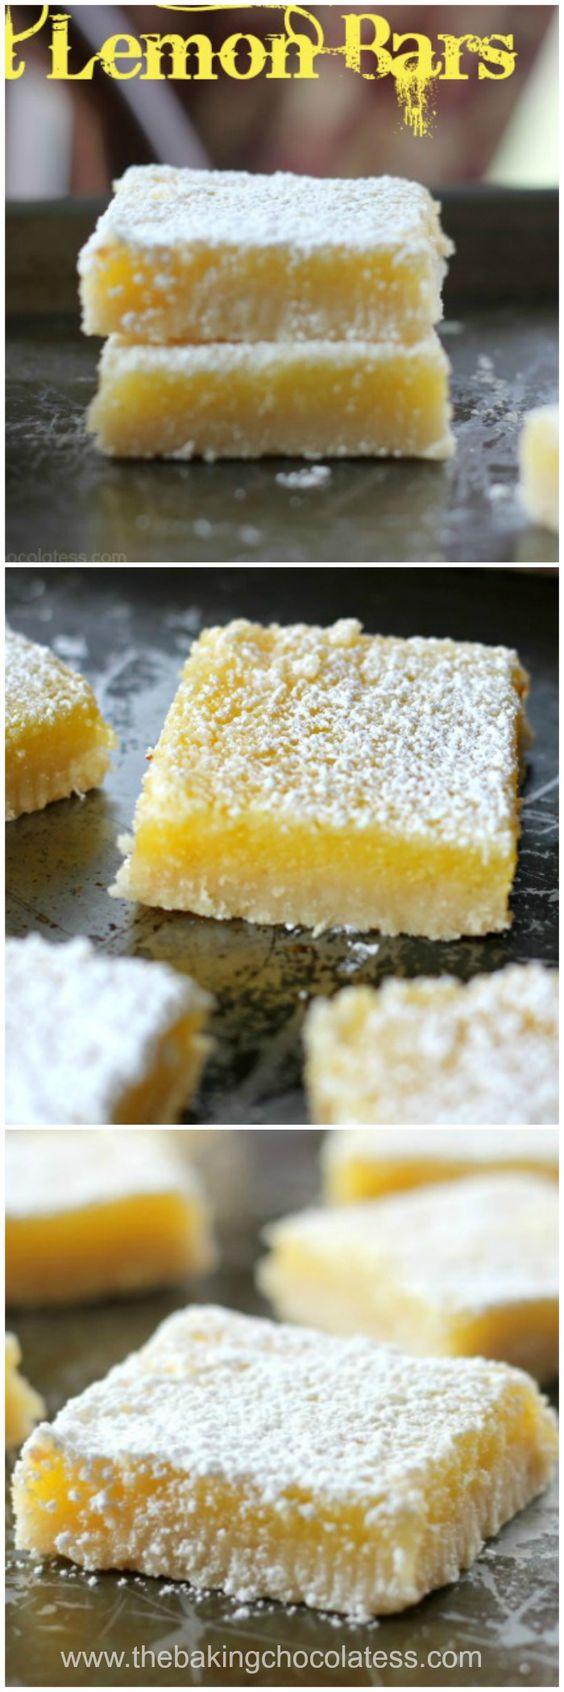 ... bars best lemon bars and more best lemon bars lemon bars lemon bar